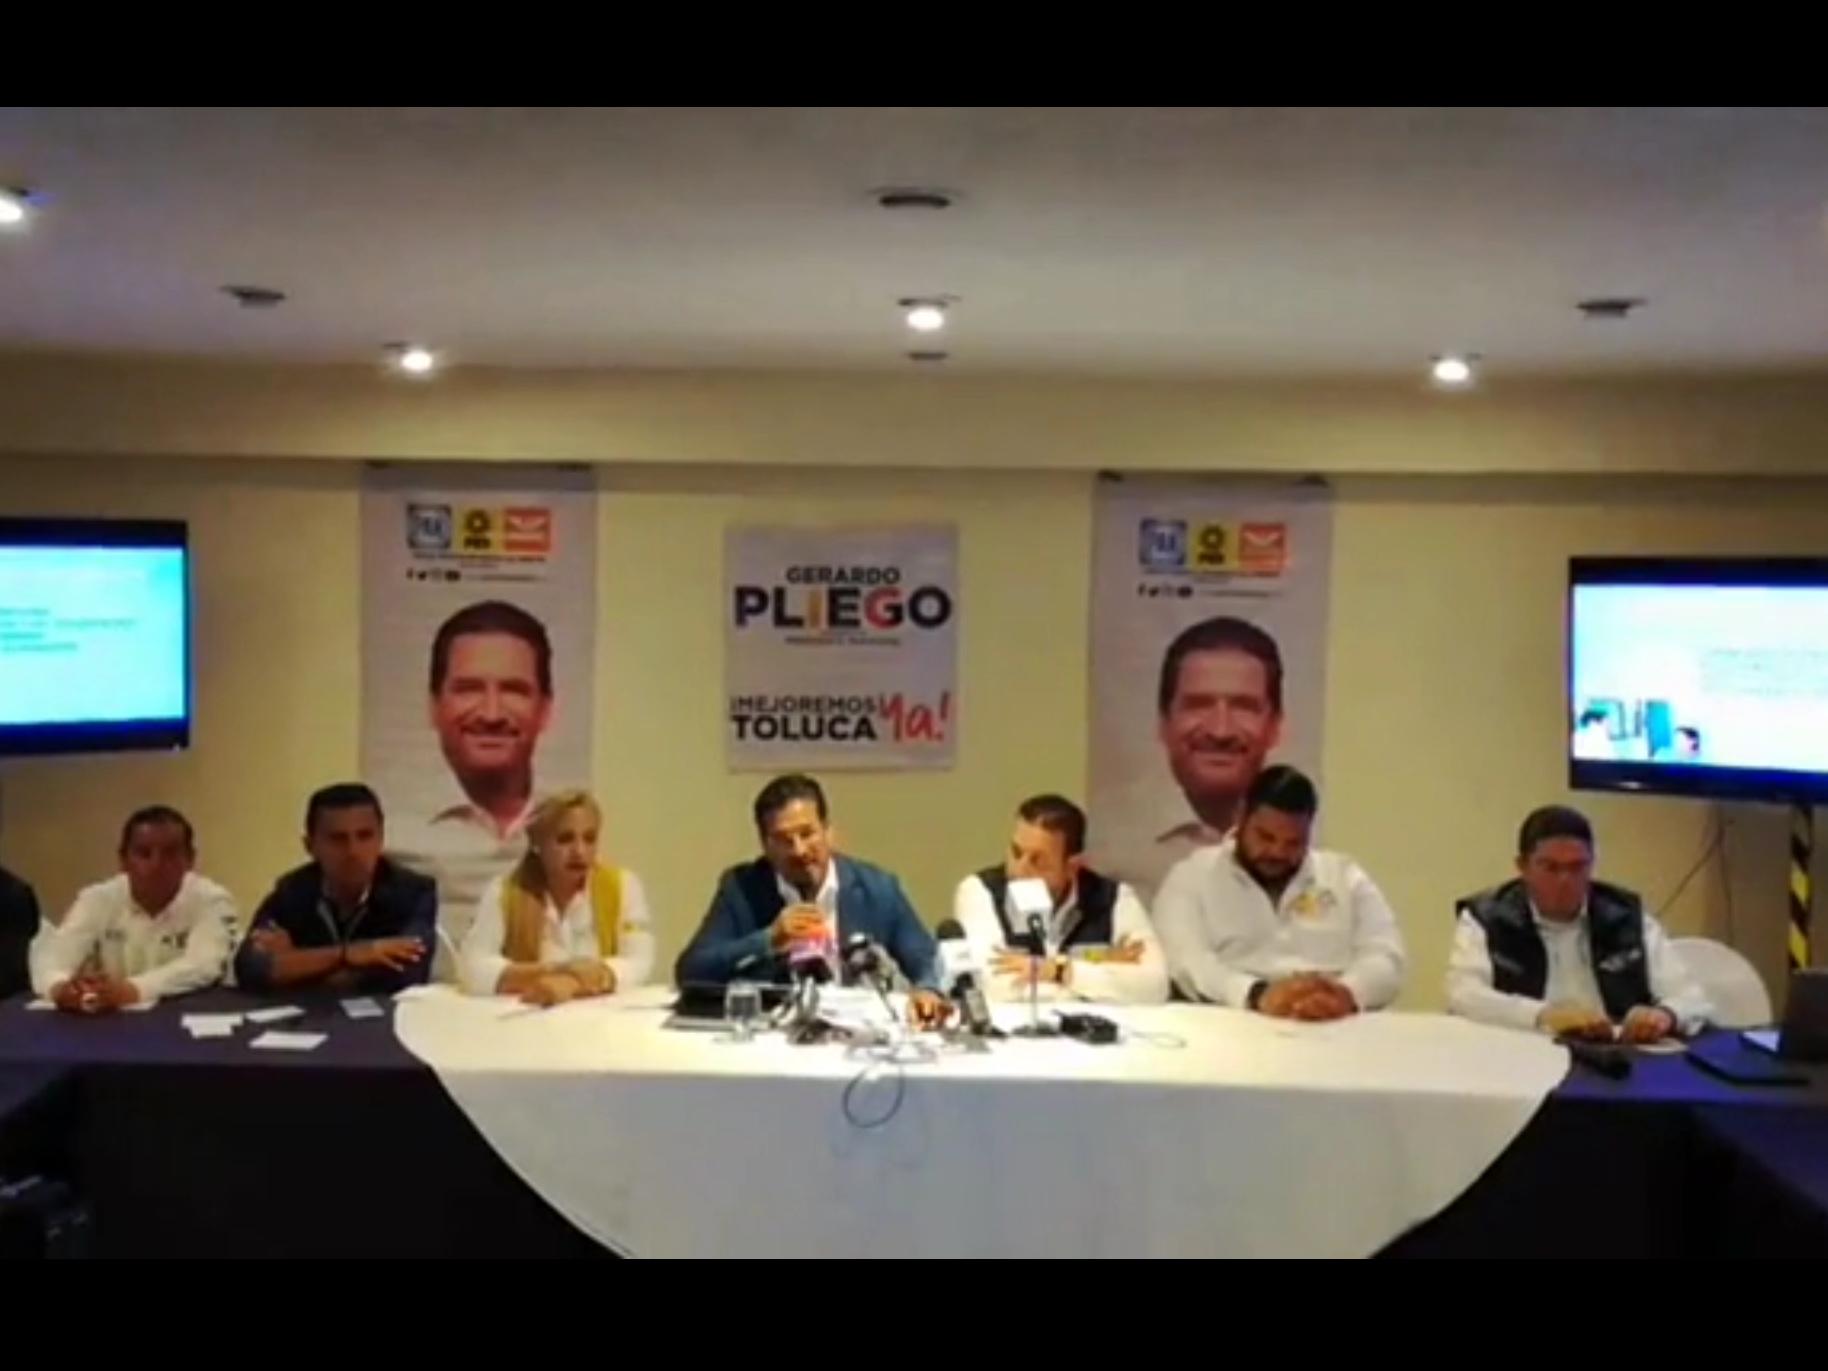 Levanta la mano Gerardo Pliego para debate